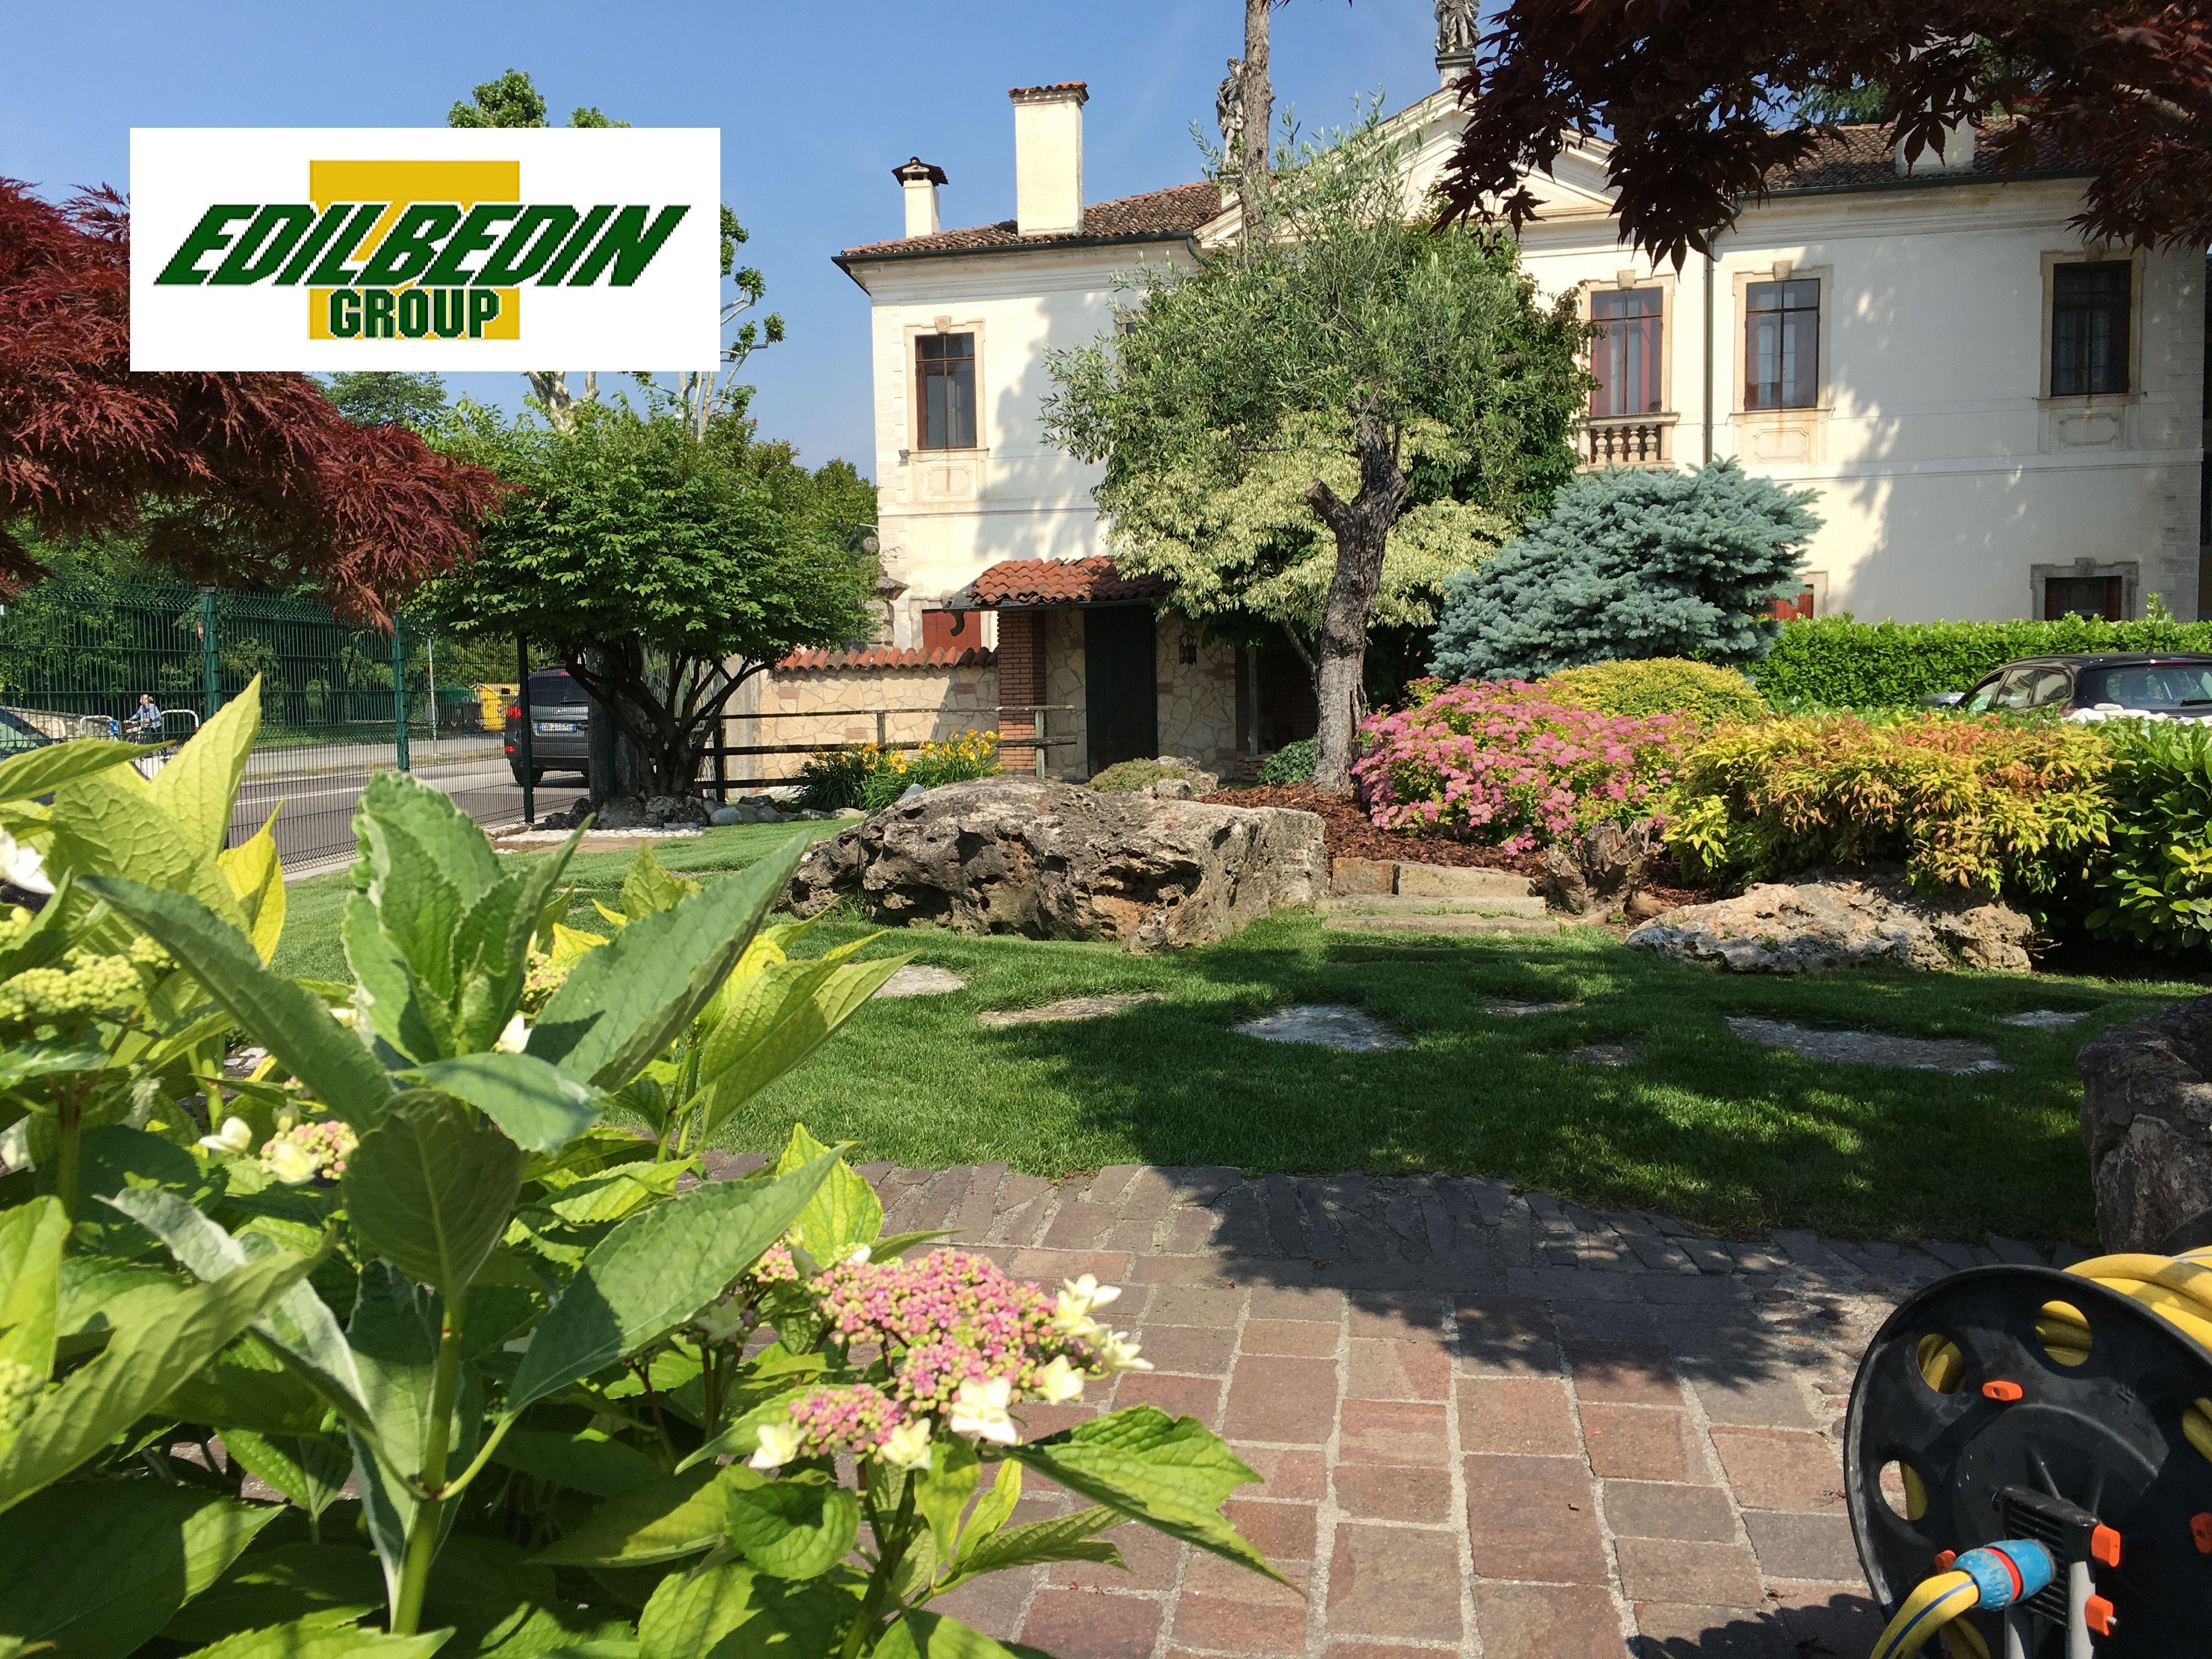 Vendita materiali arredo giardino – Vicenza – Costabissara, Caldogno ...